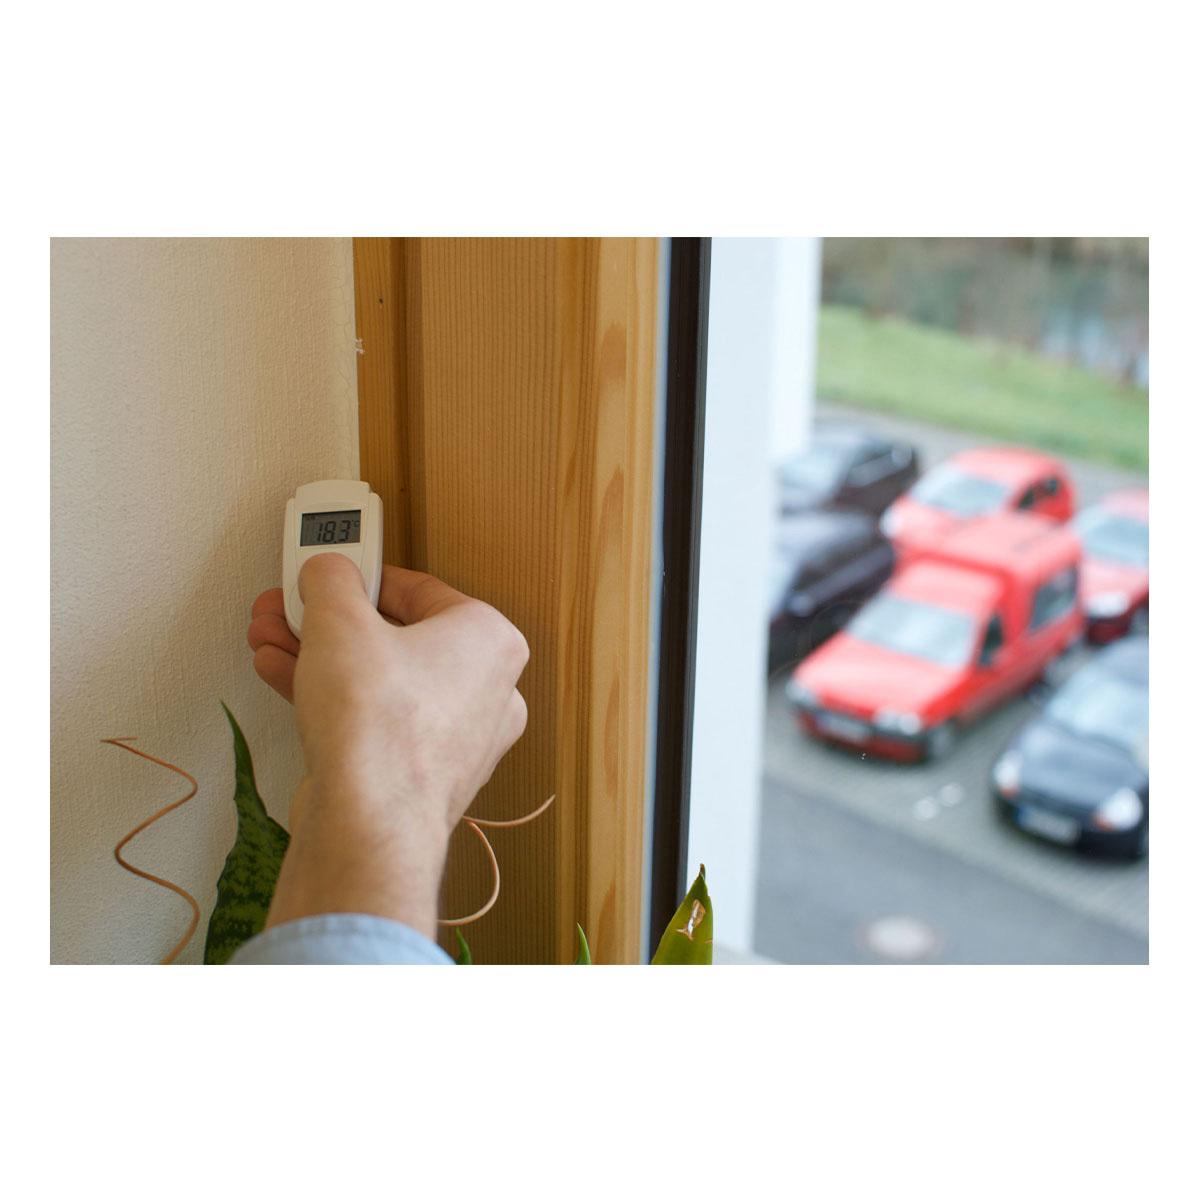 31-1108-infrarot-thermometer-mini-flash-anwendung2-1200x1200px.jpg